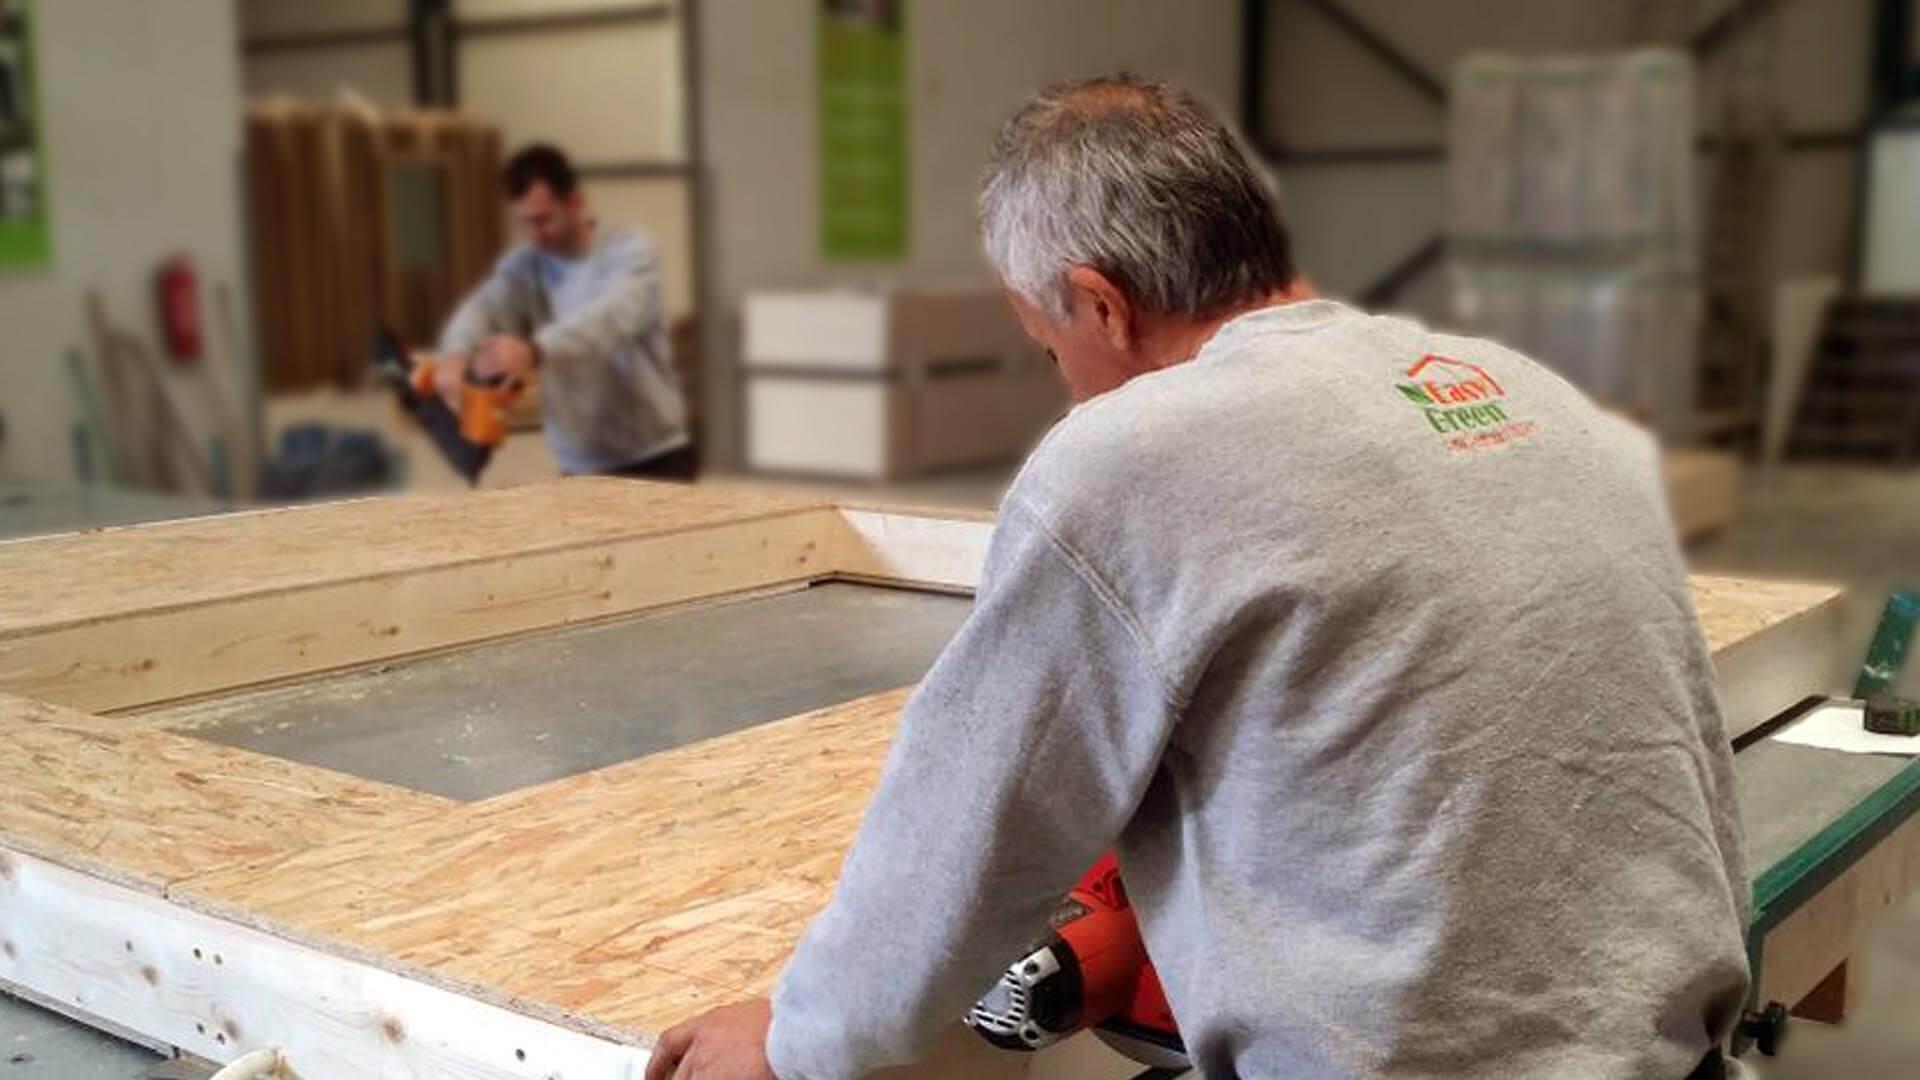 prokat, προκάτ, προκατασκευασμένο σπίτι, easy green, κατασκευή , ξύλινο, σπίτι, εργοστάσιο